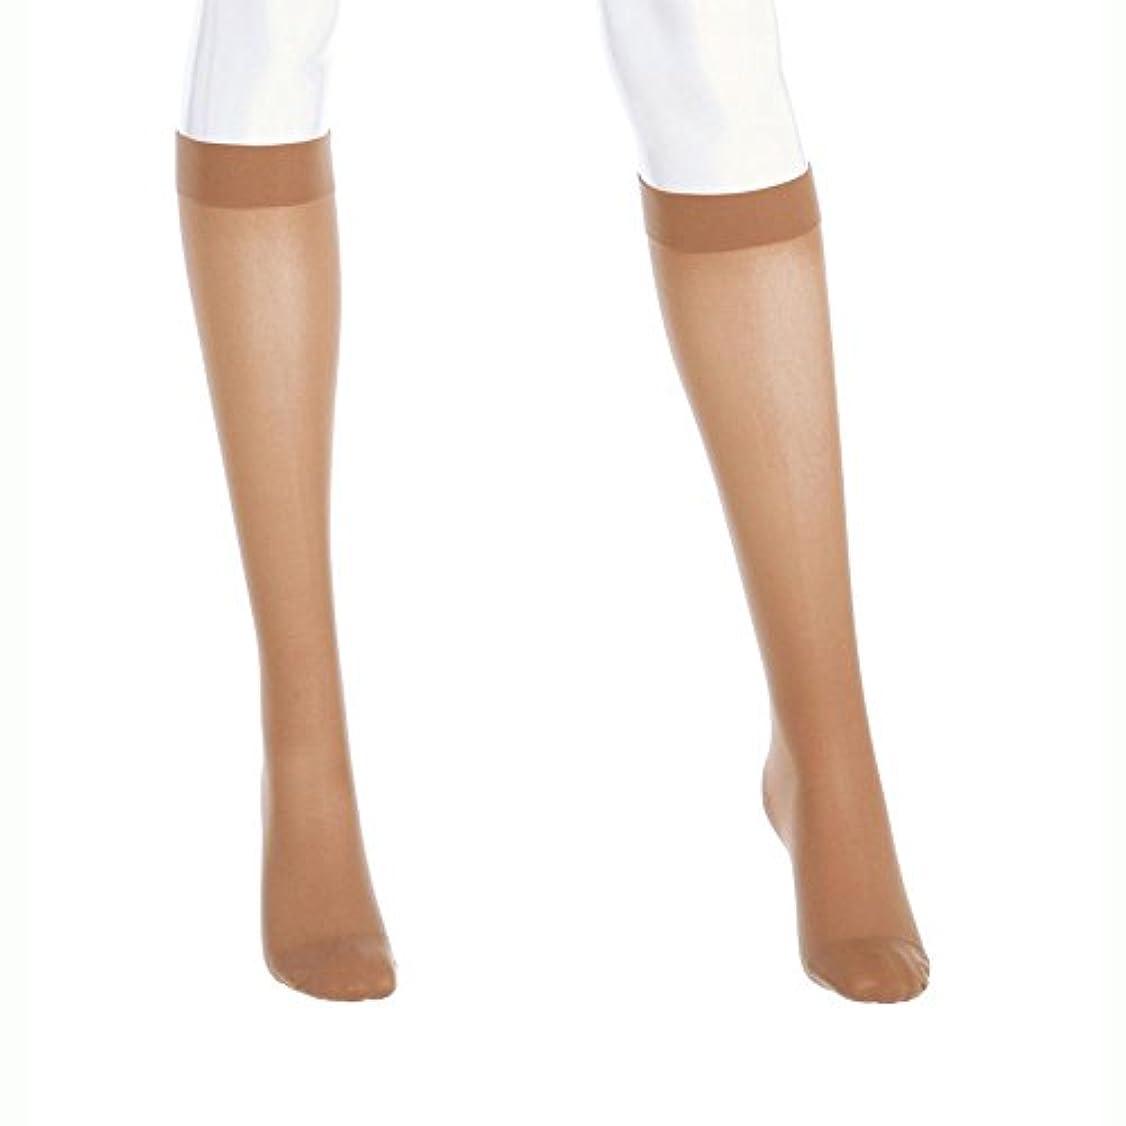 受信隠チキンMediven Assure, Closed Toe, 20-30mmHg, Knee High Compression Stocking, X-Large, Beige by Medi